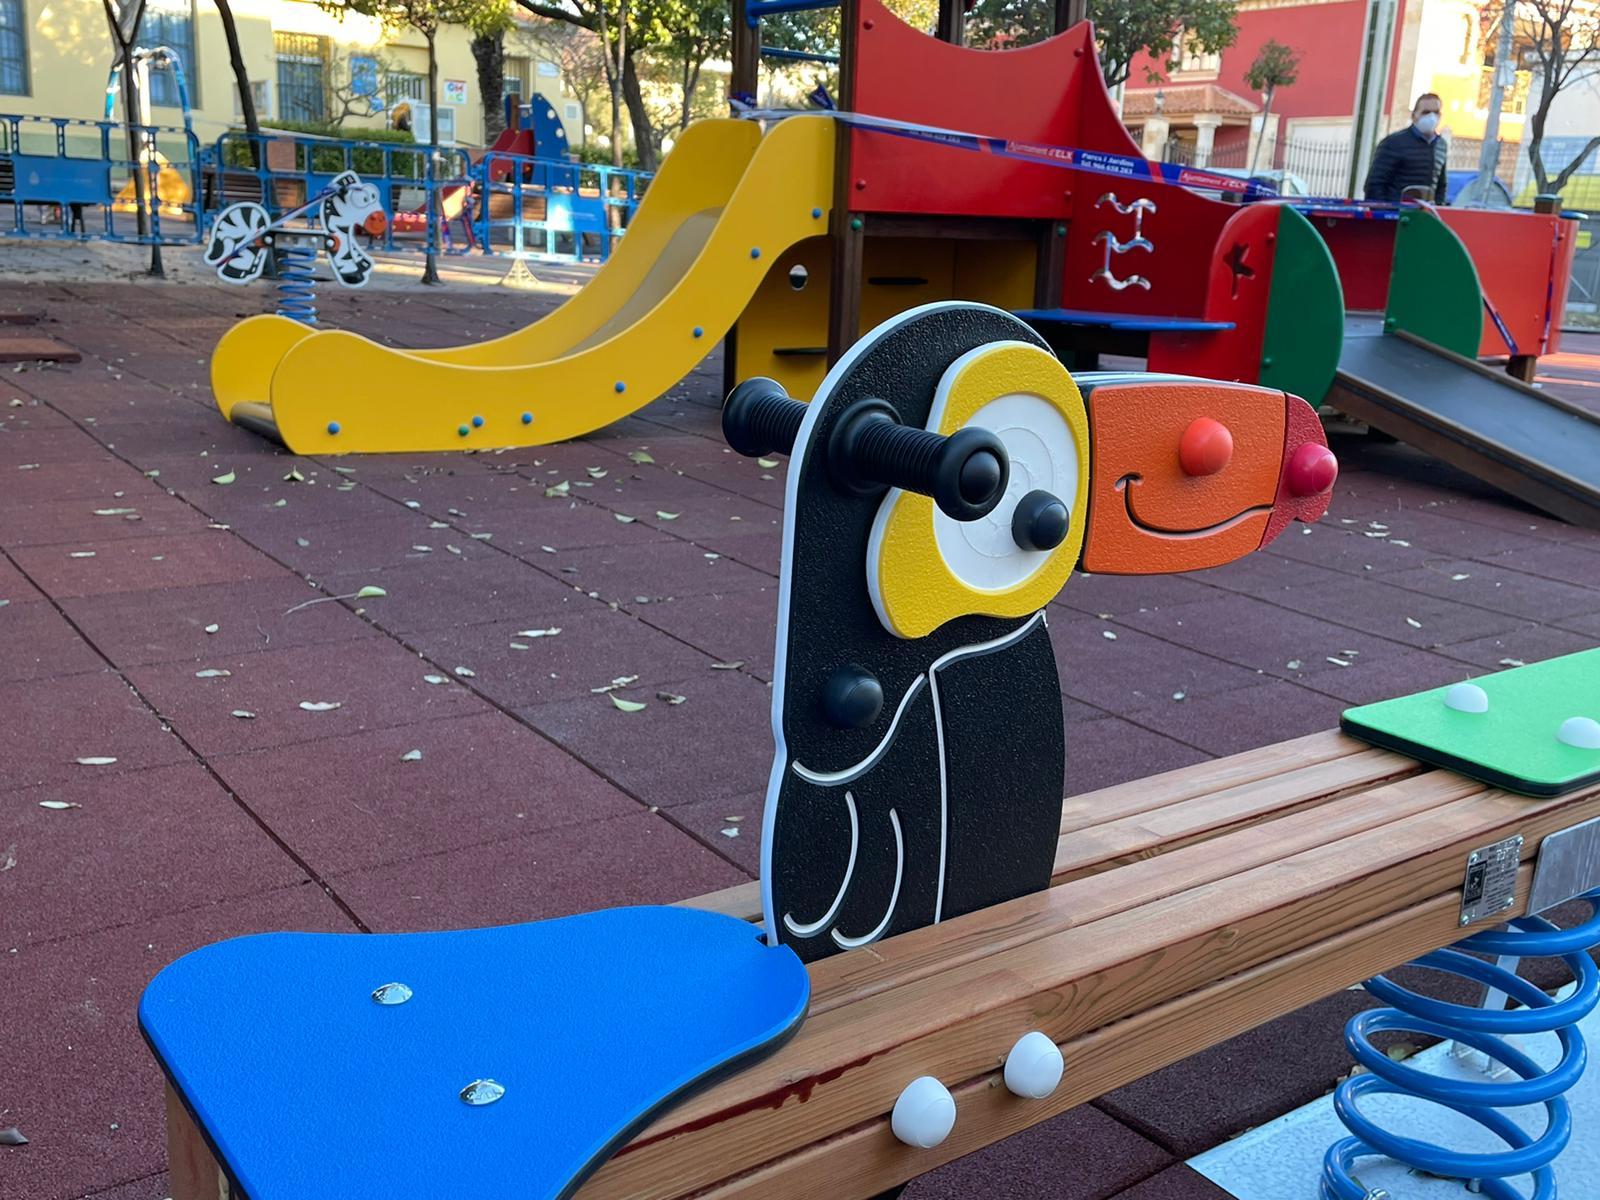 El Ayuntamiento sigue con su plan de modernización de los juegos infantiles actuando en la plaza Maestro Cutillas de Torrellano